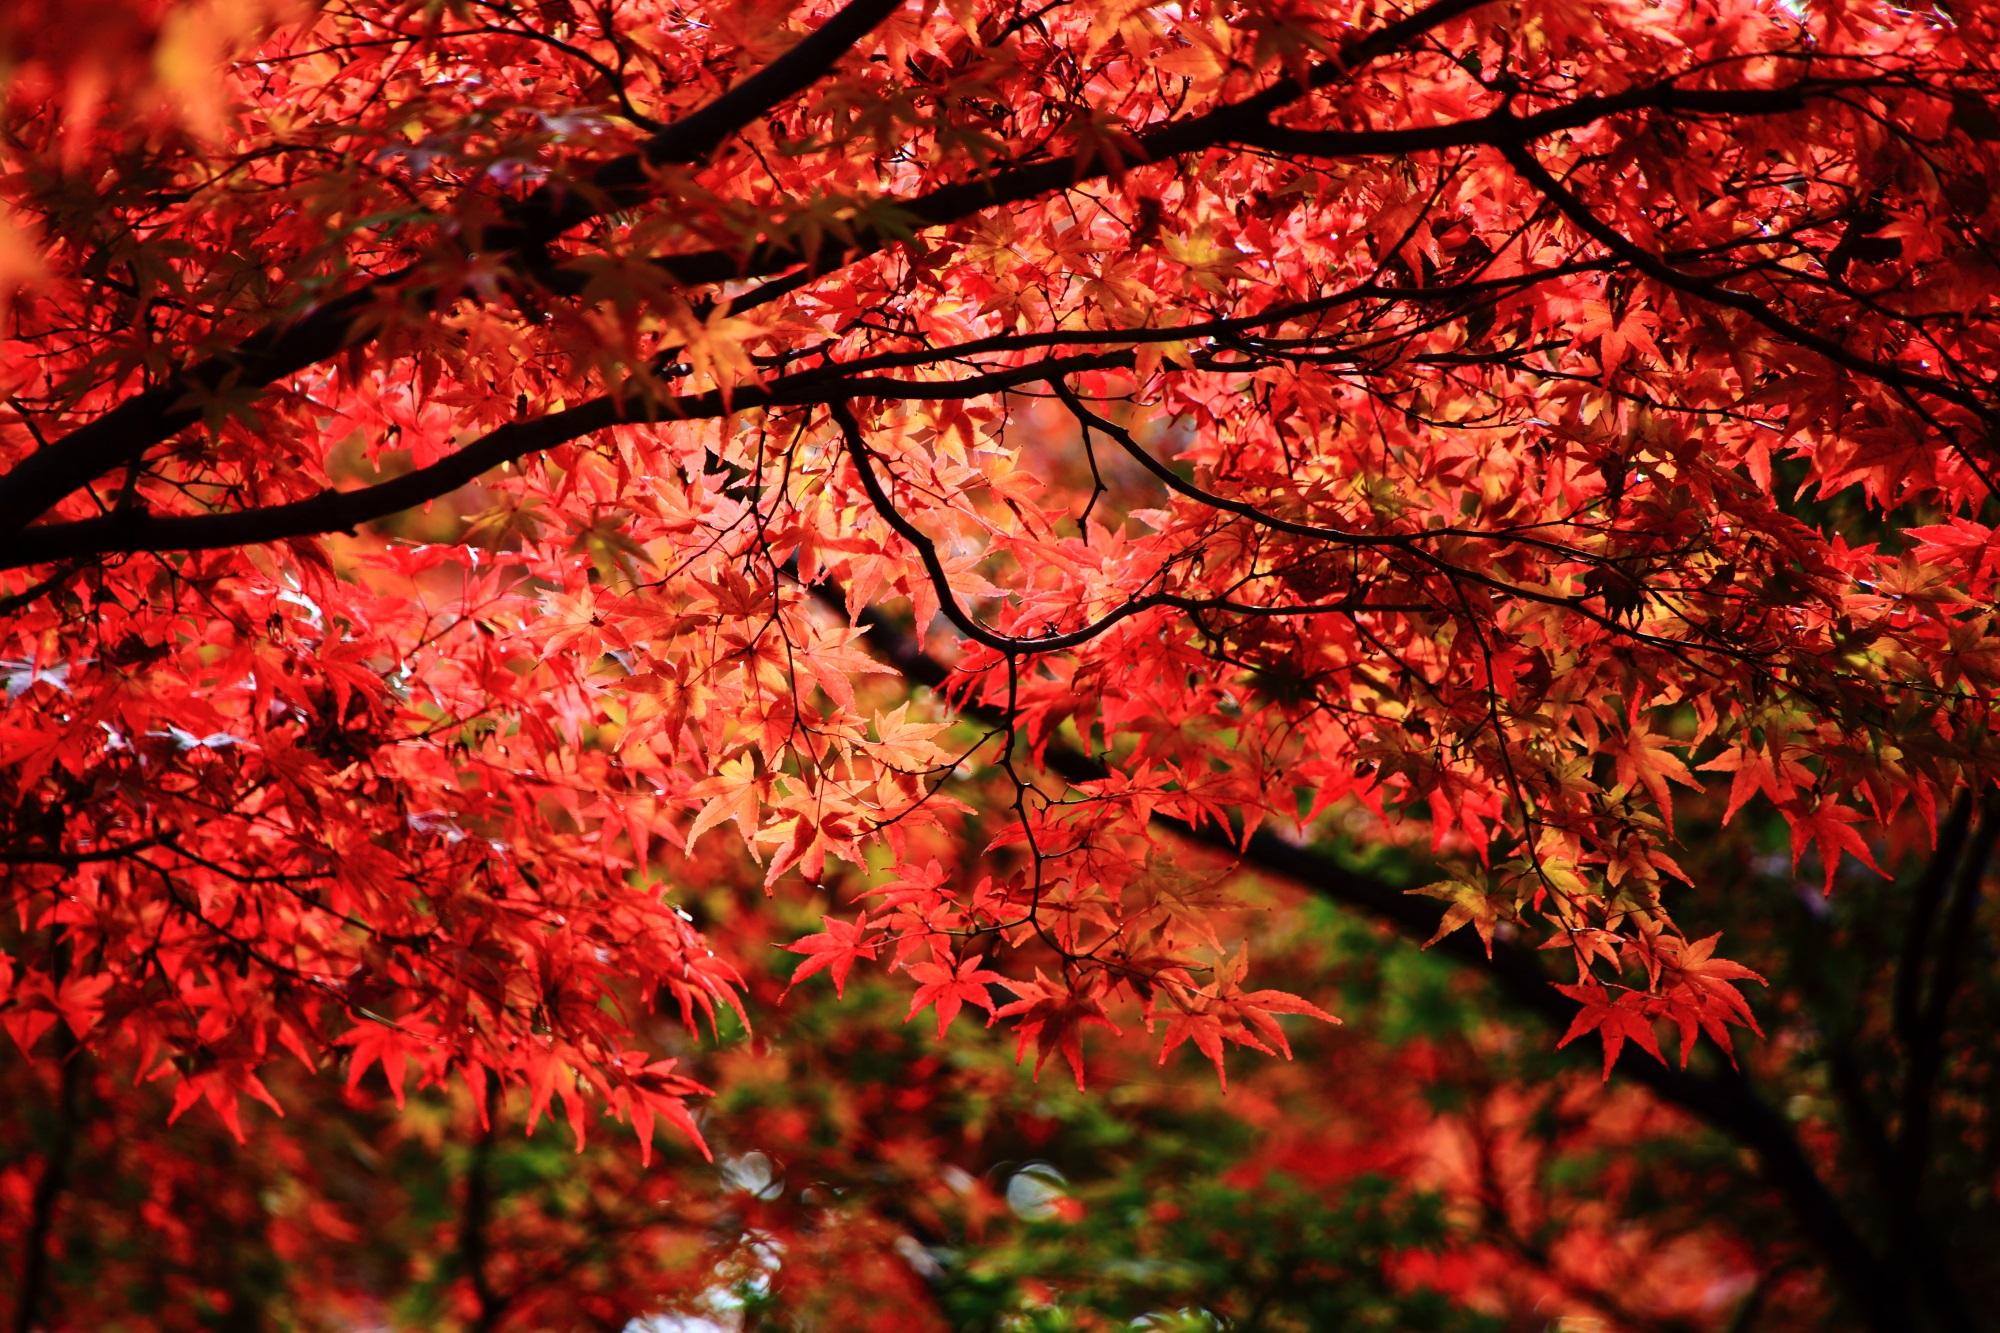 うめこうじこうえんの見ごろの鮮やかな赤い紅葉